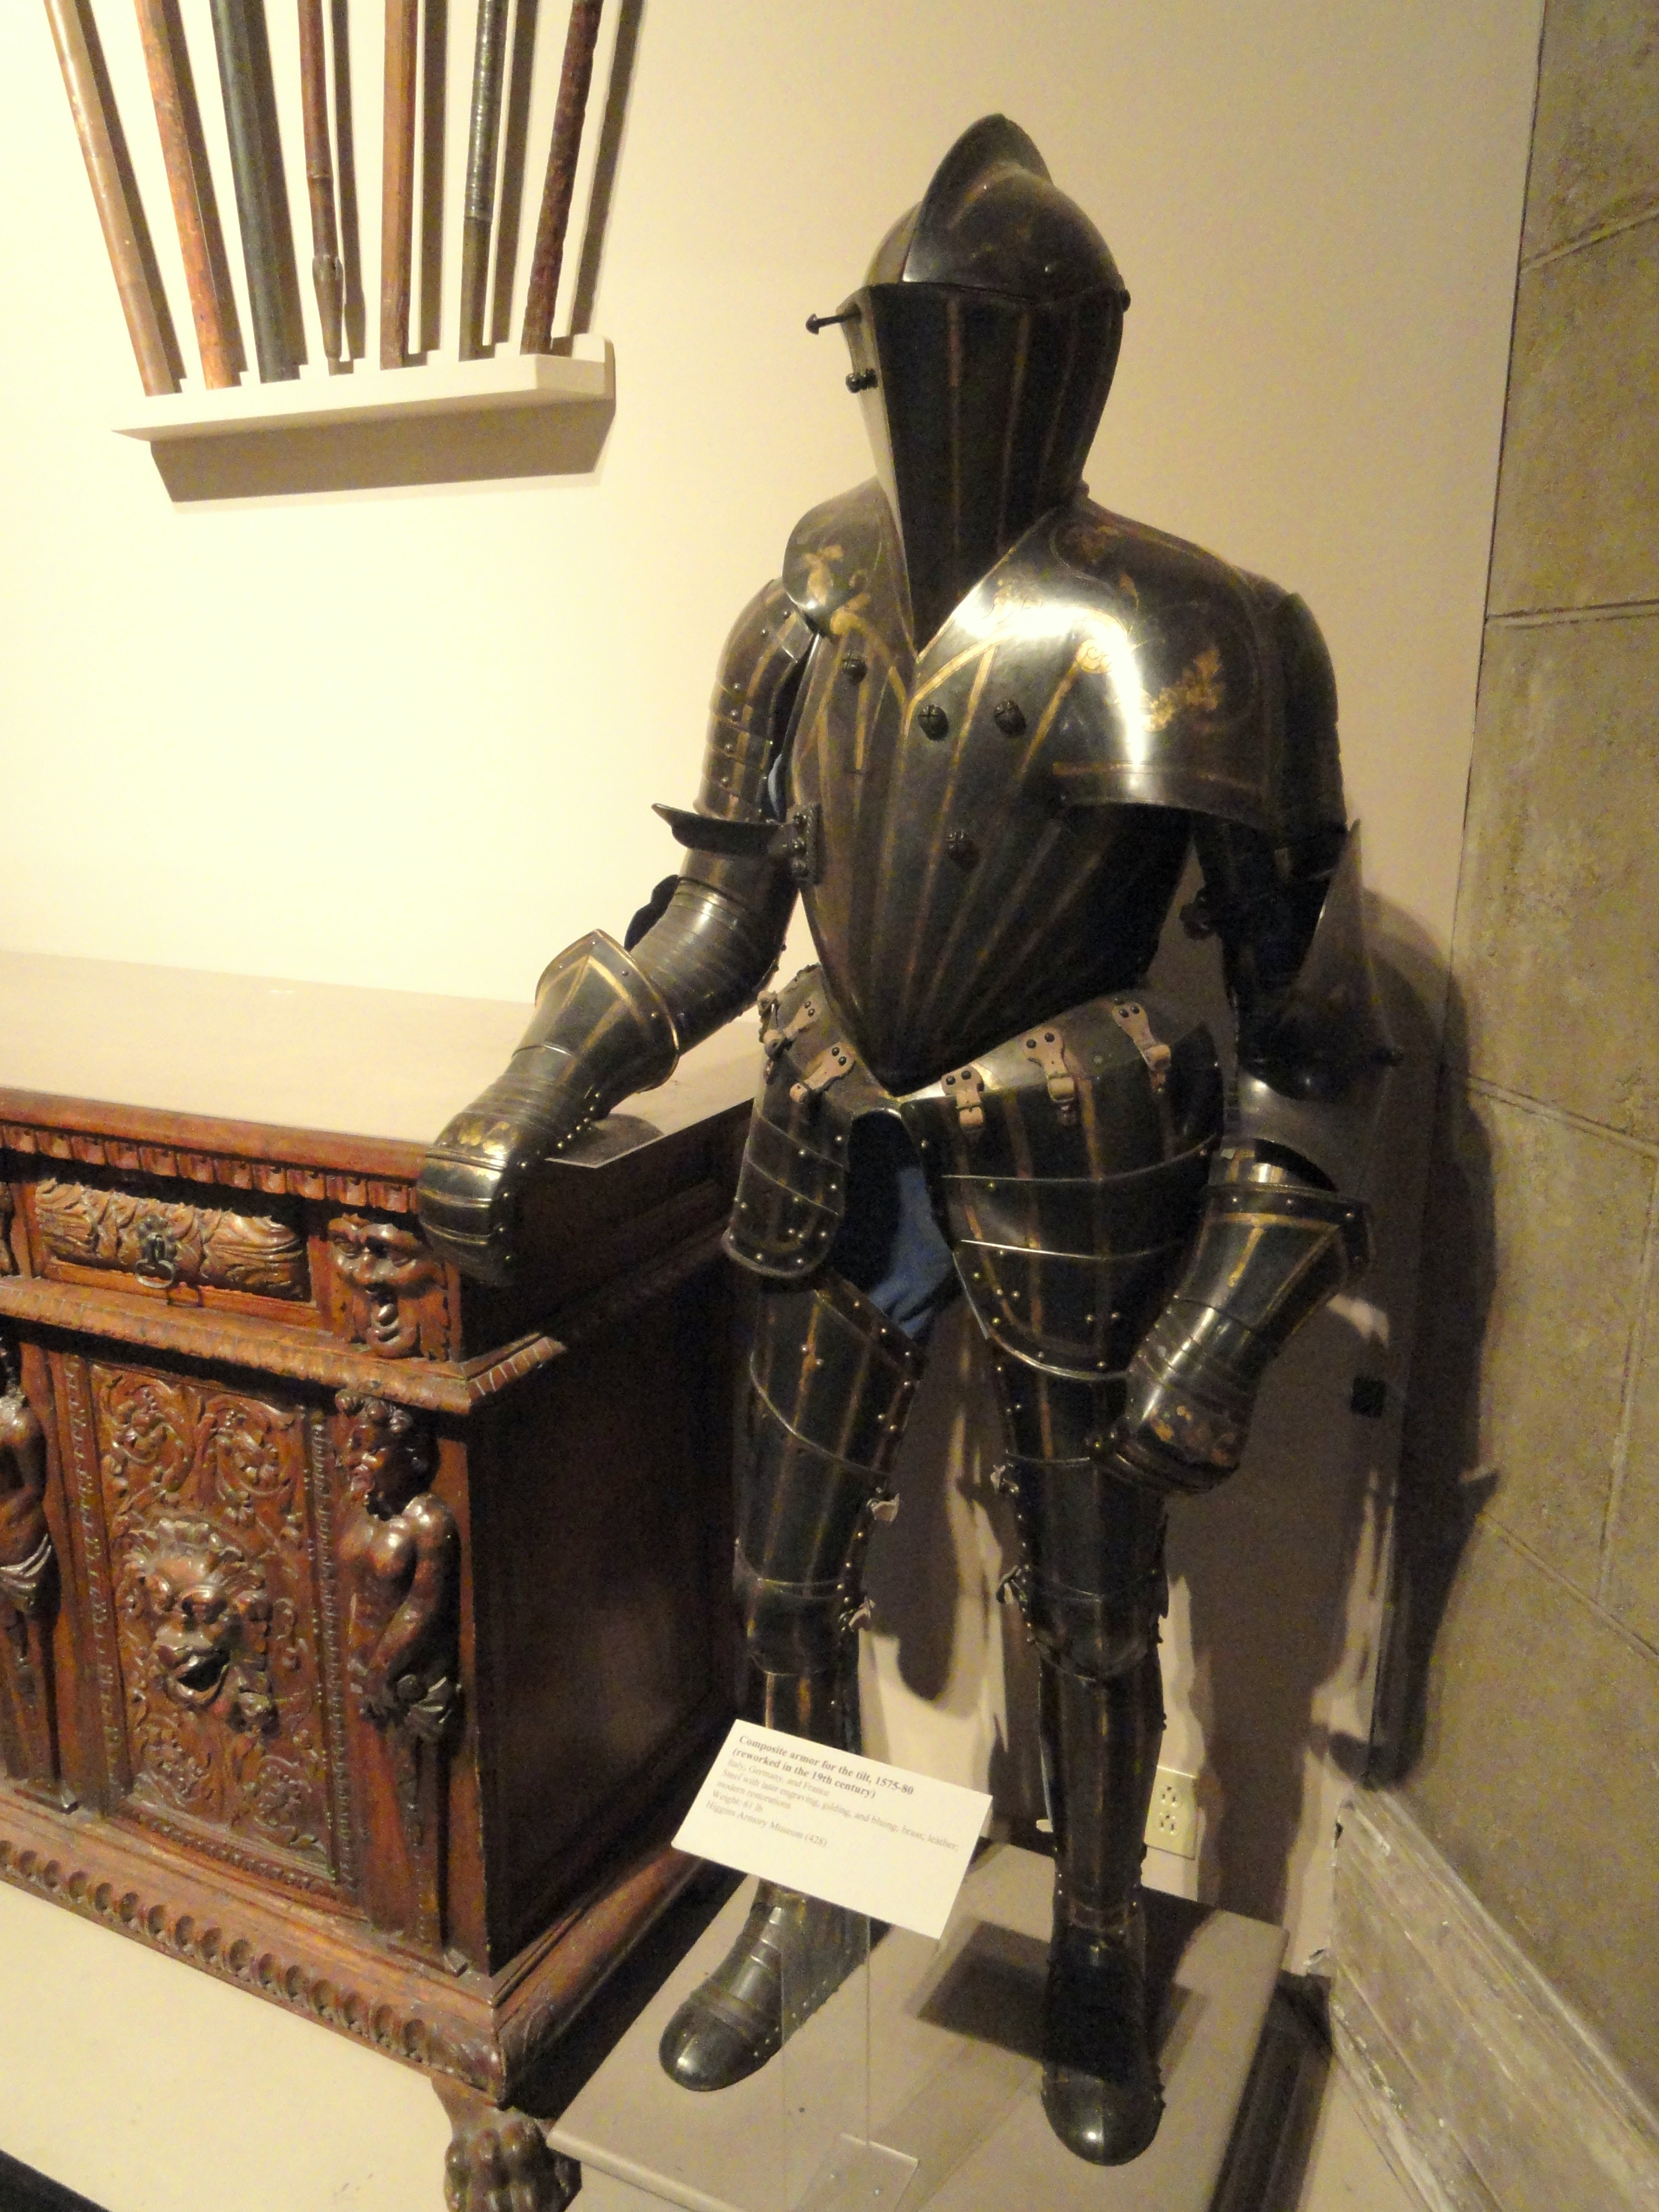 1575 in France